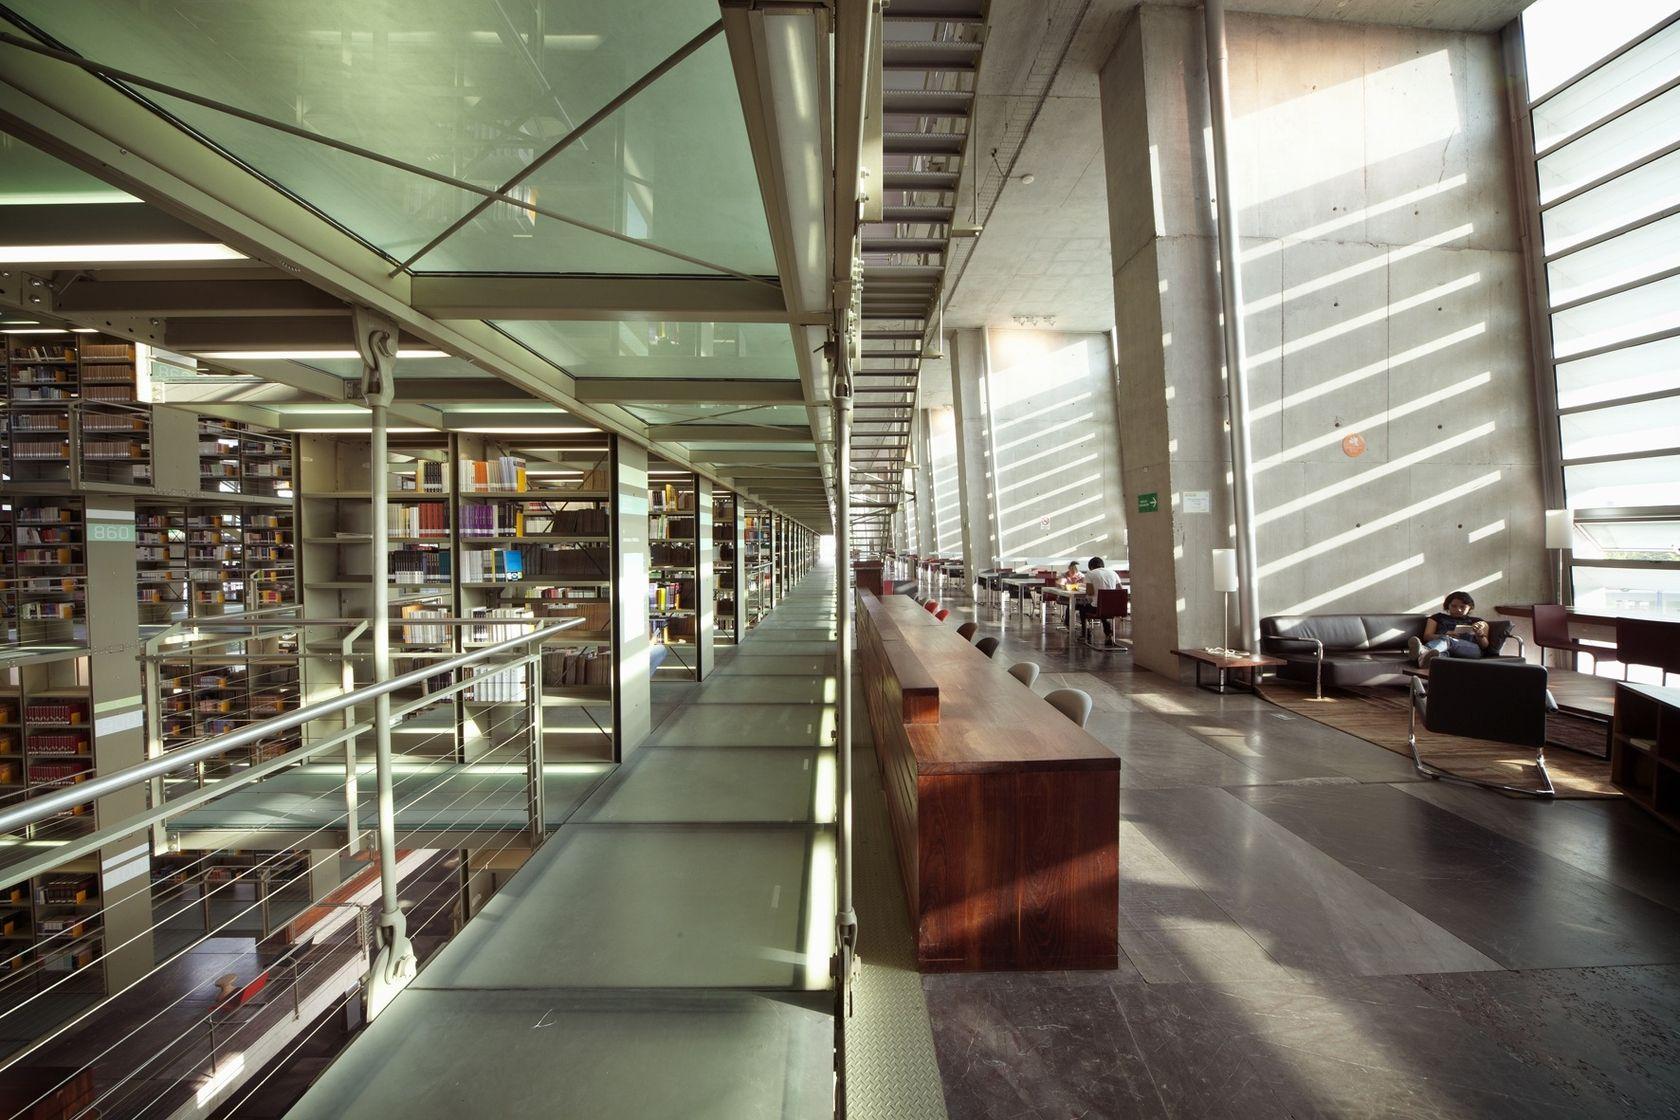 Biblioteca Vasconcelos Interior Architecture Design